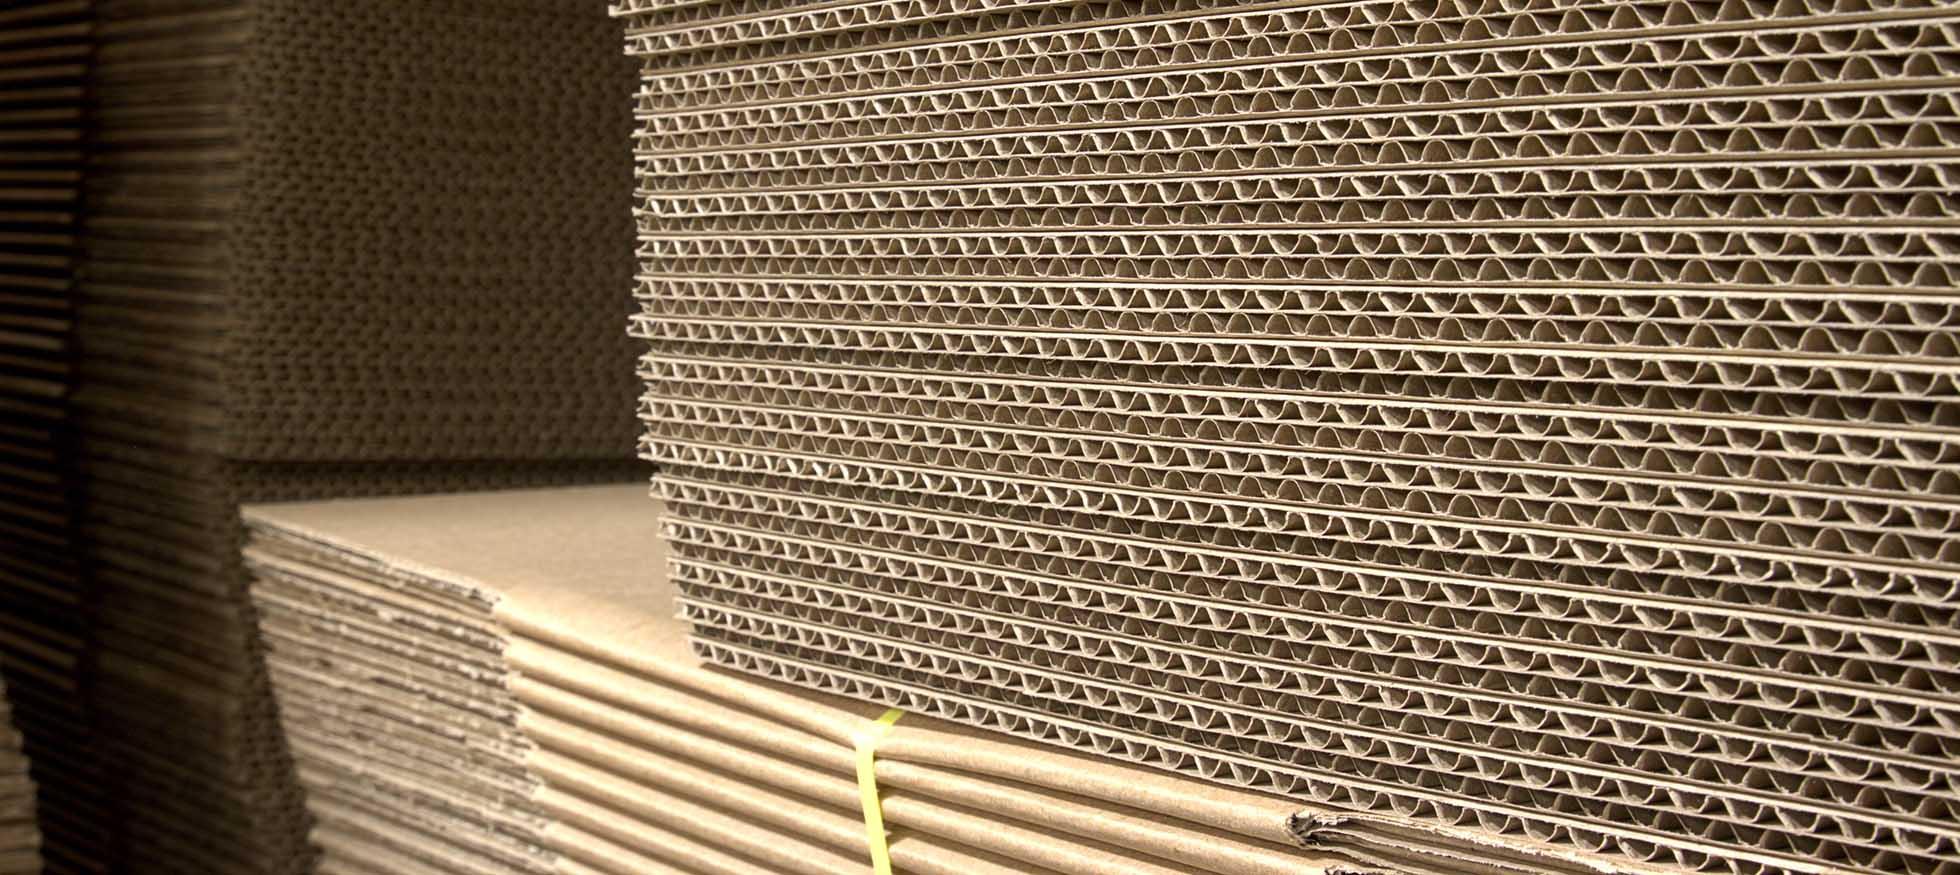 Pila di cartone ondulato